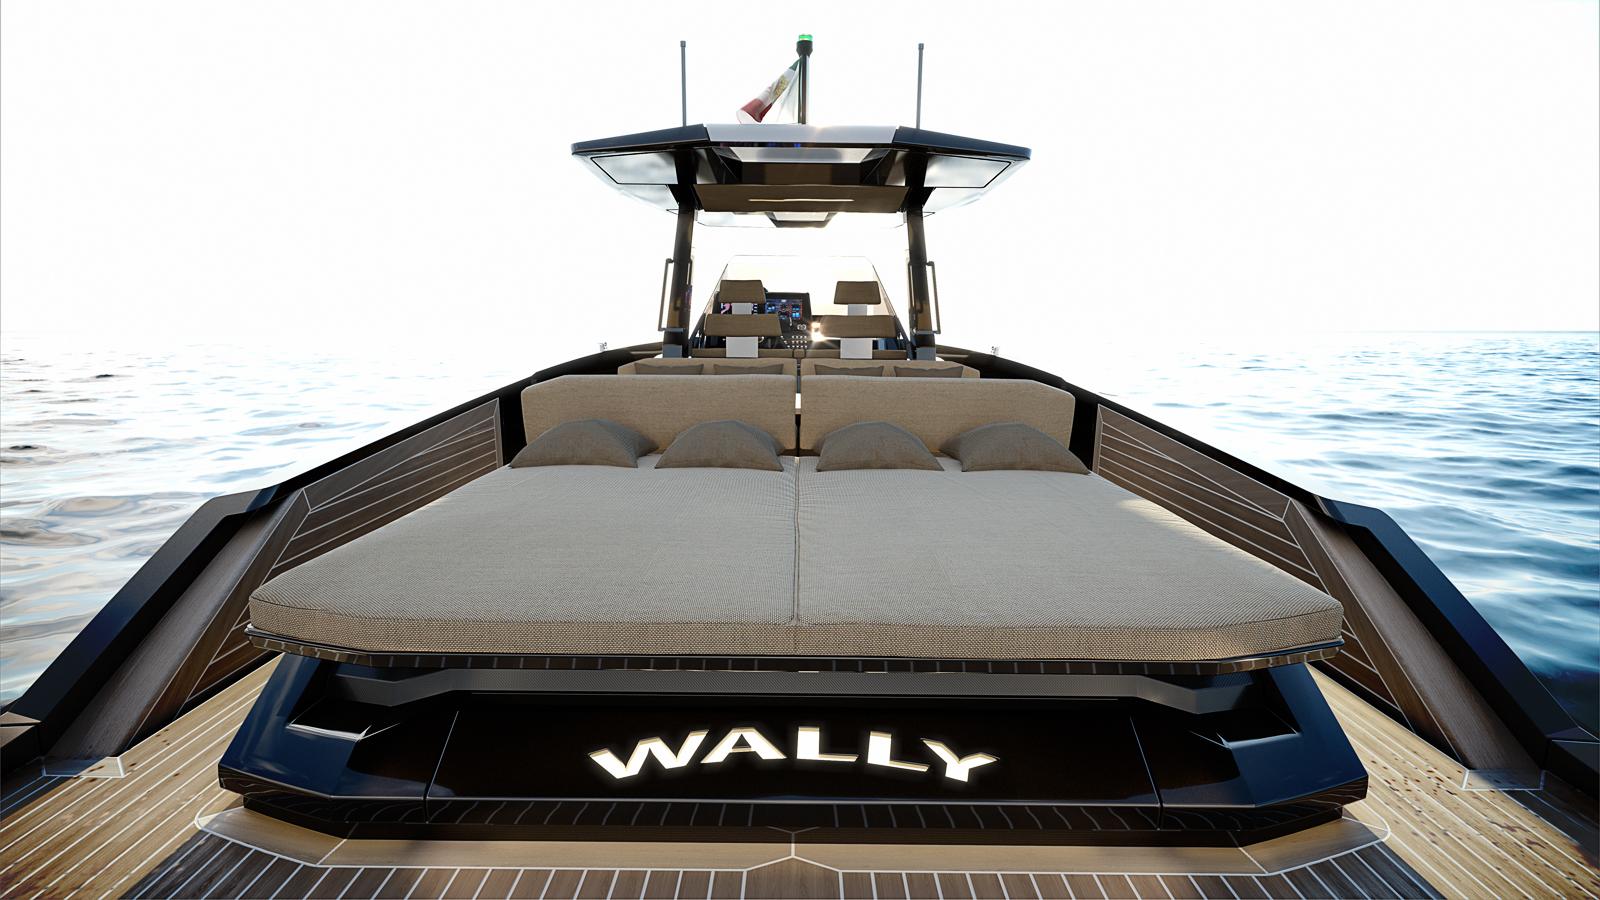 Tre nuovi ordini confermano il successo del 48 Wallytender prima del suo debutto mondiale al Cannes Yachting Festival 2019